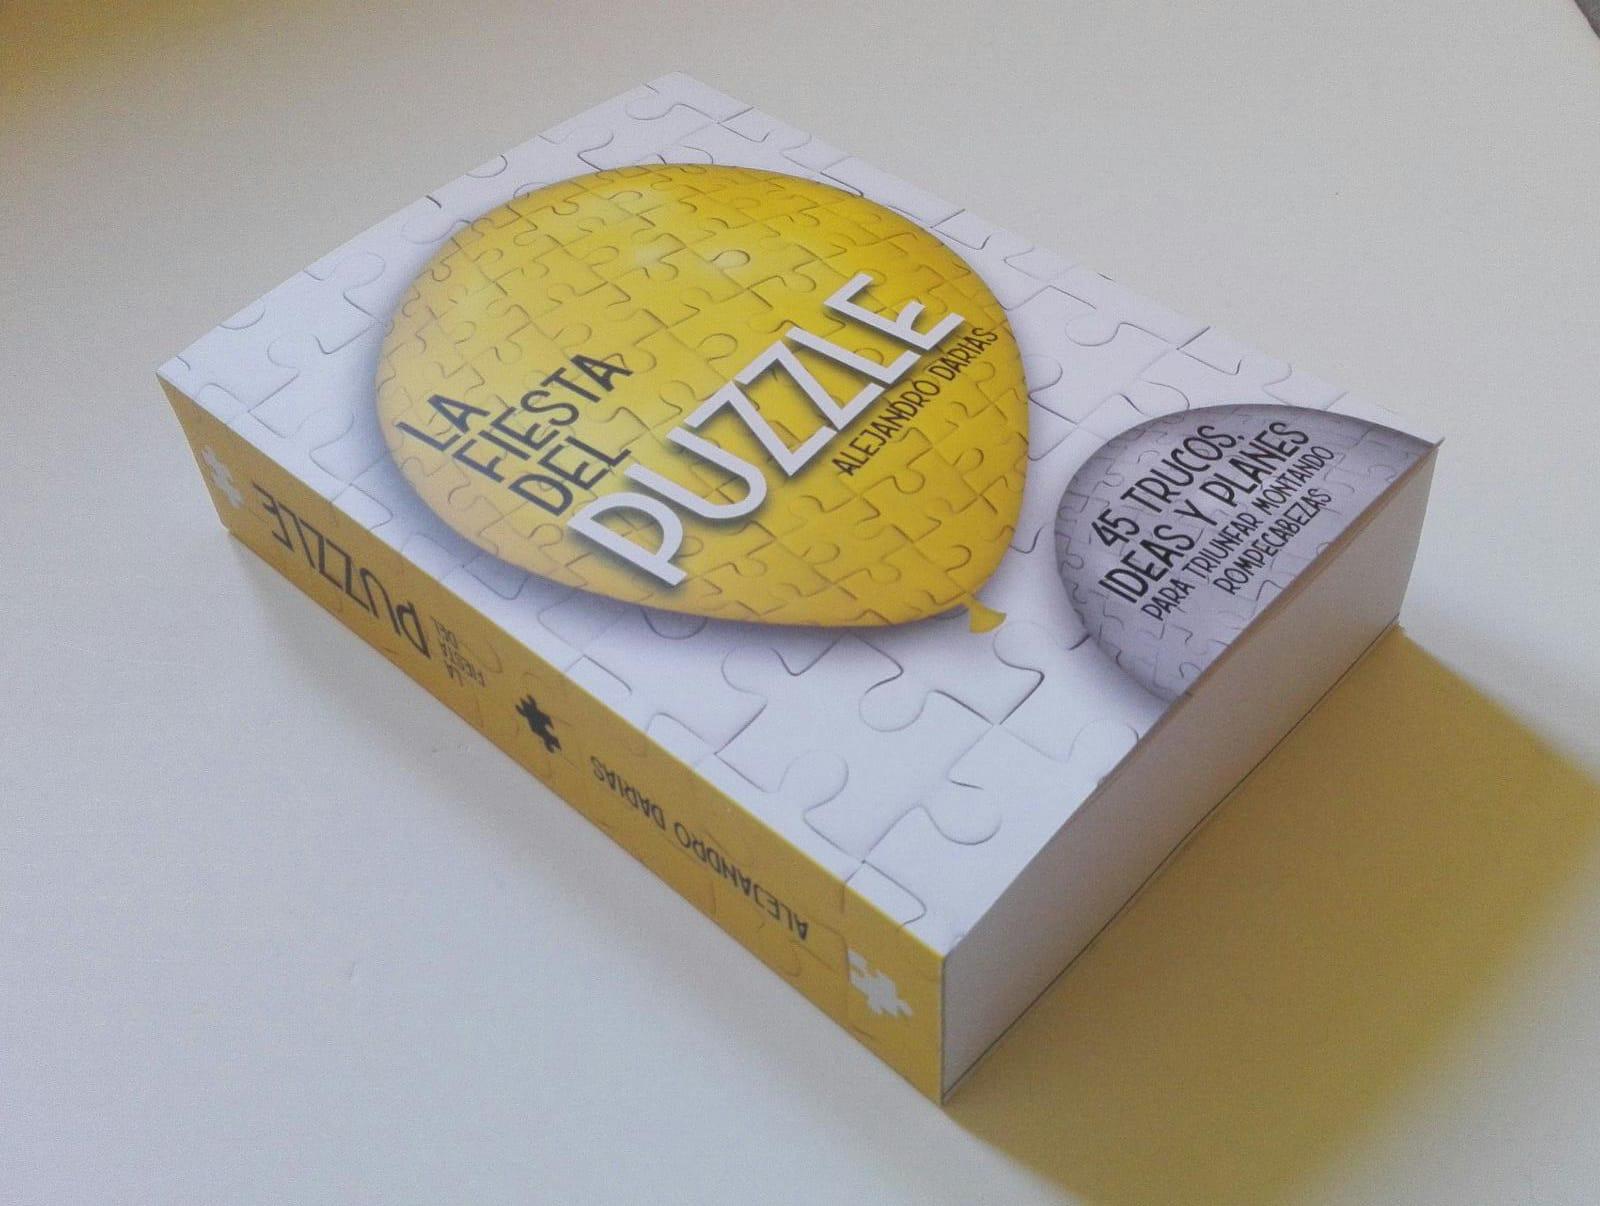 Único libro editado en idioma español sobre puzzles